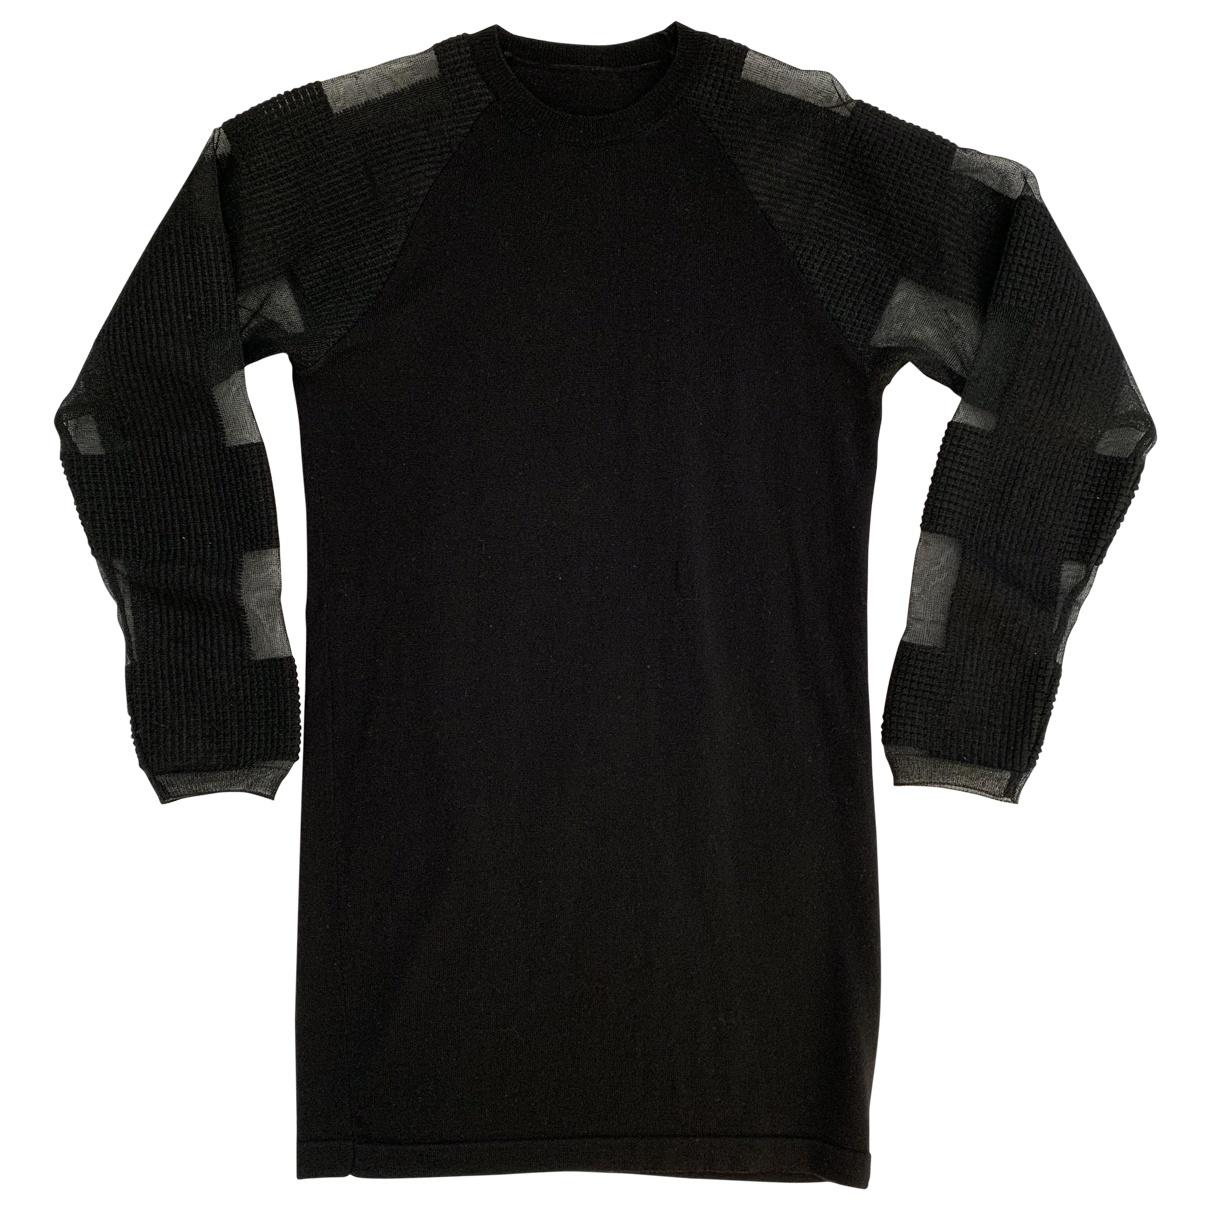 Mm6 \N Black Wool dress for Women XS International